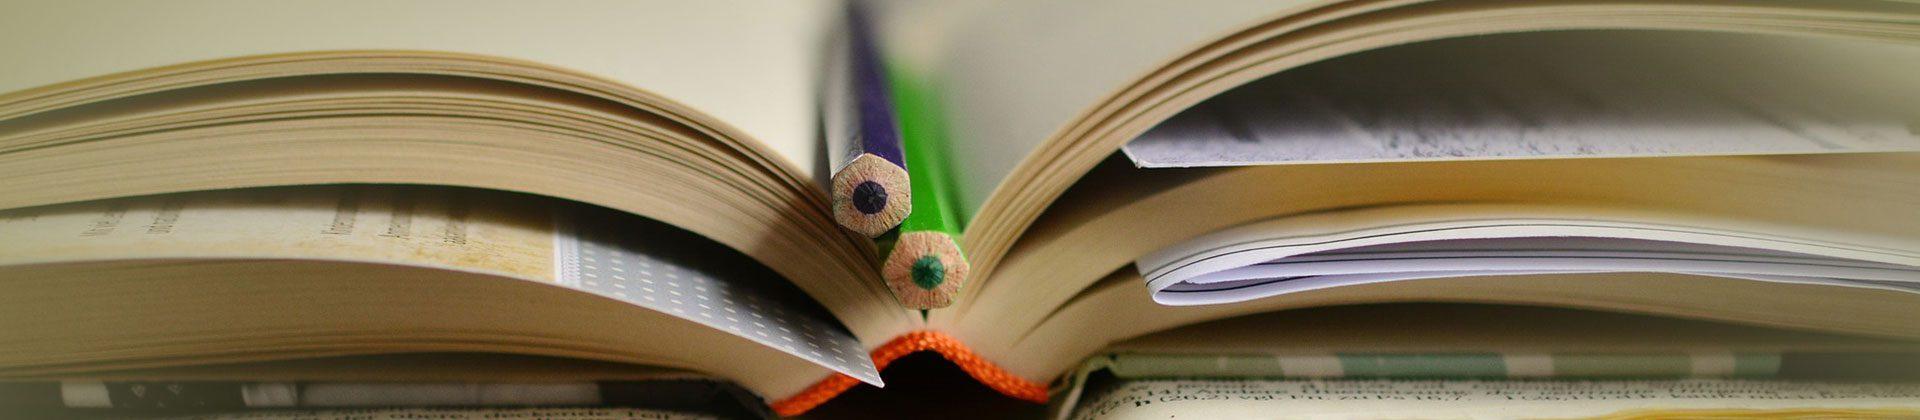 החוג לחינוך מרחב פדגוגיה ותכנון לימודים